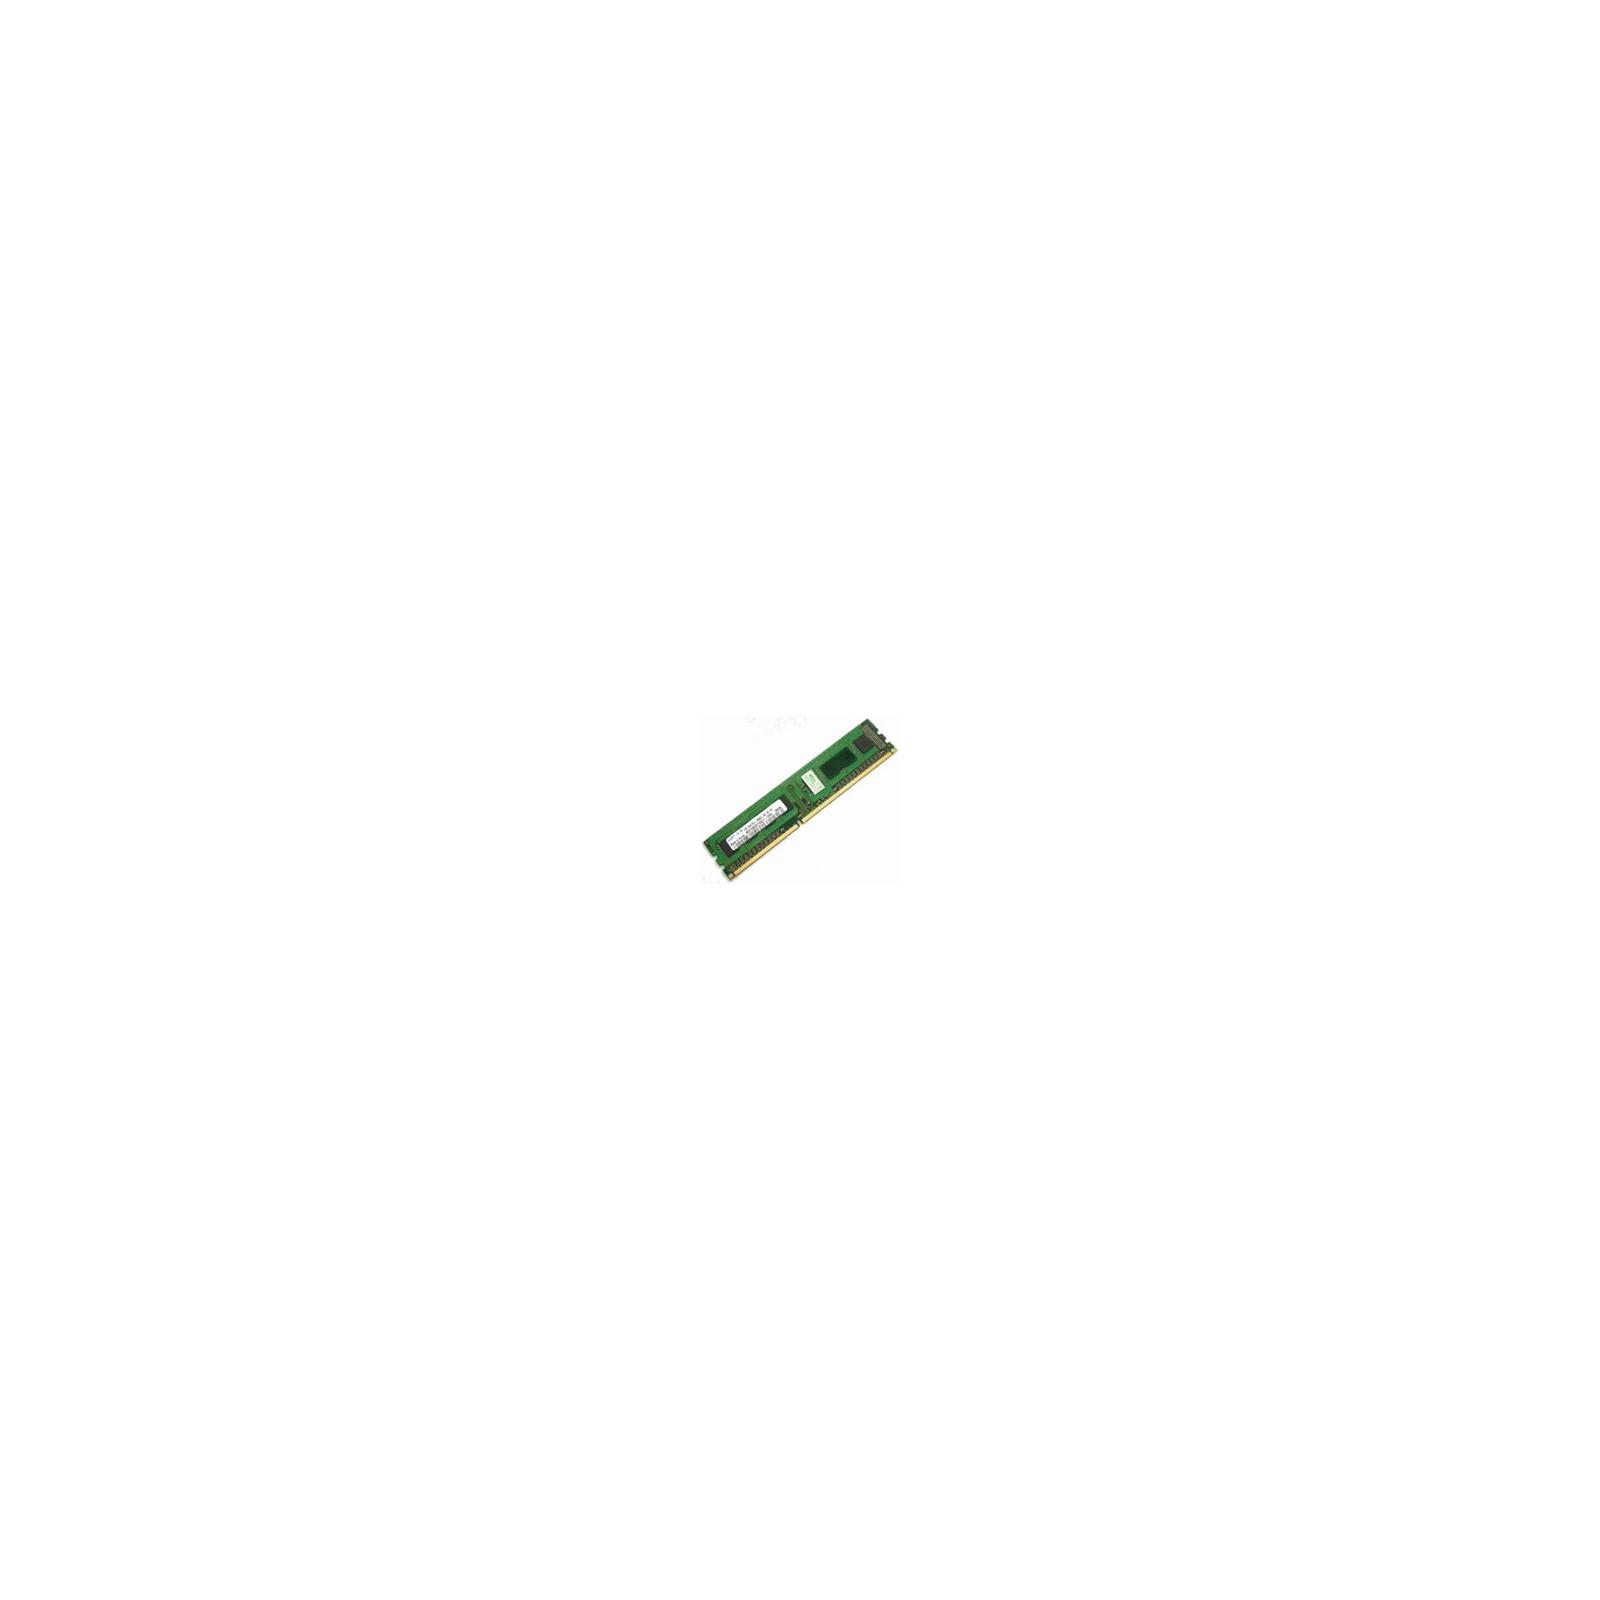 Модуль памяти для компьютера DDR3 2GB 1333 MHz Samsung (M378B5773CH0-CH9 / M378B5673GB0-CH9)